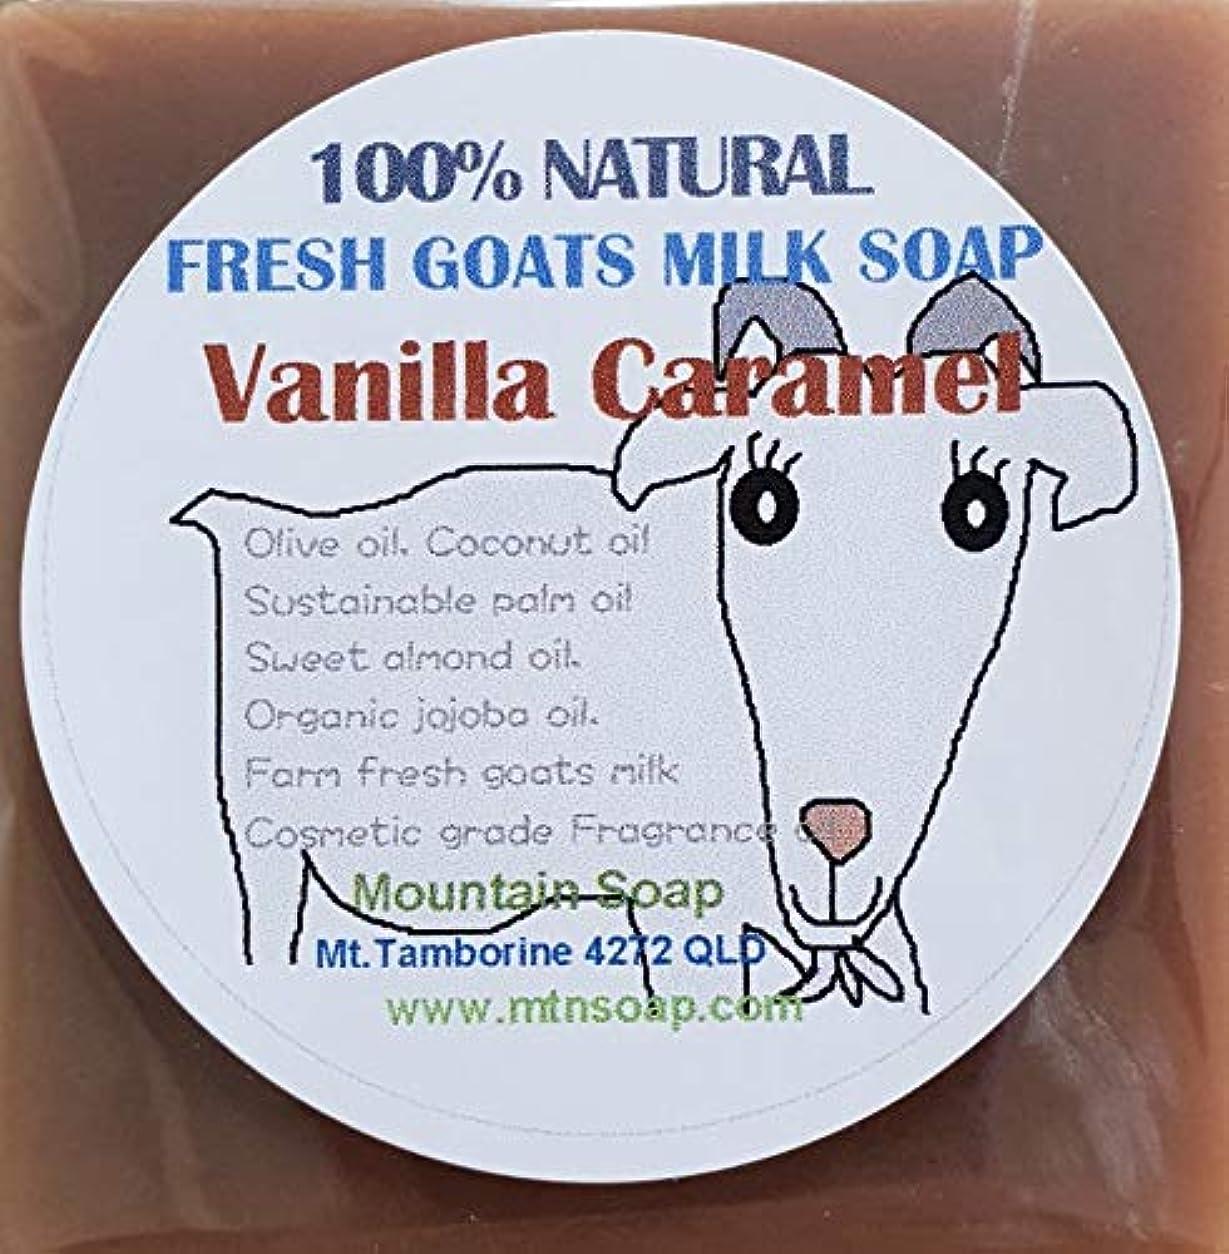 グラス猟犬不愉快に【Mountain Soap】農場直送絞りたてゴートミルク生乳使用 ゴートミルク石鹸 バニラキャラメル